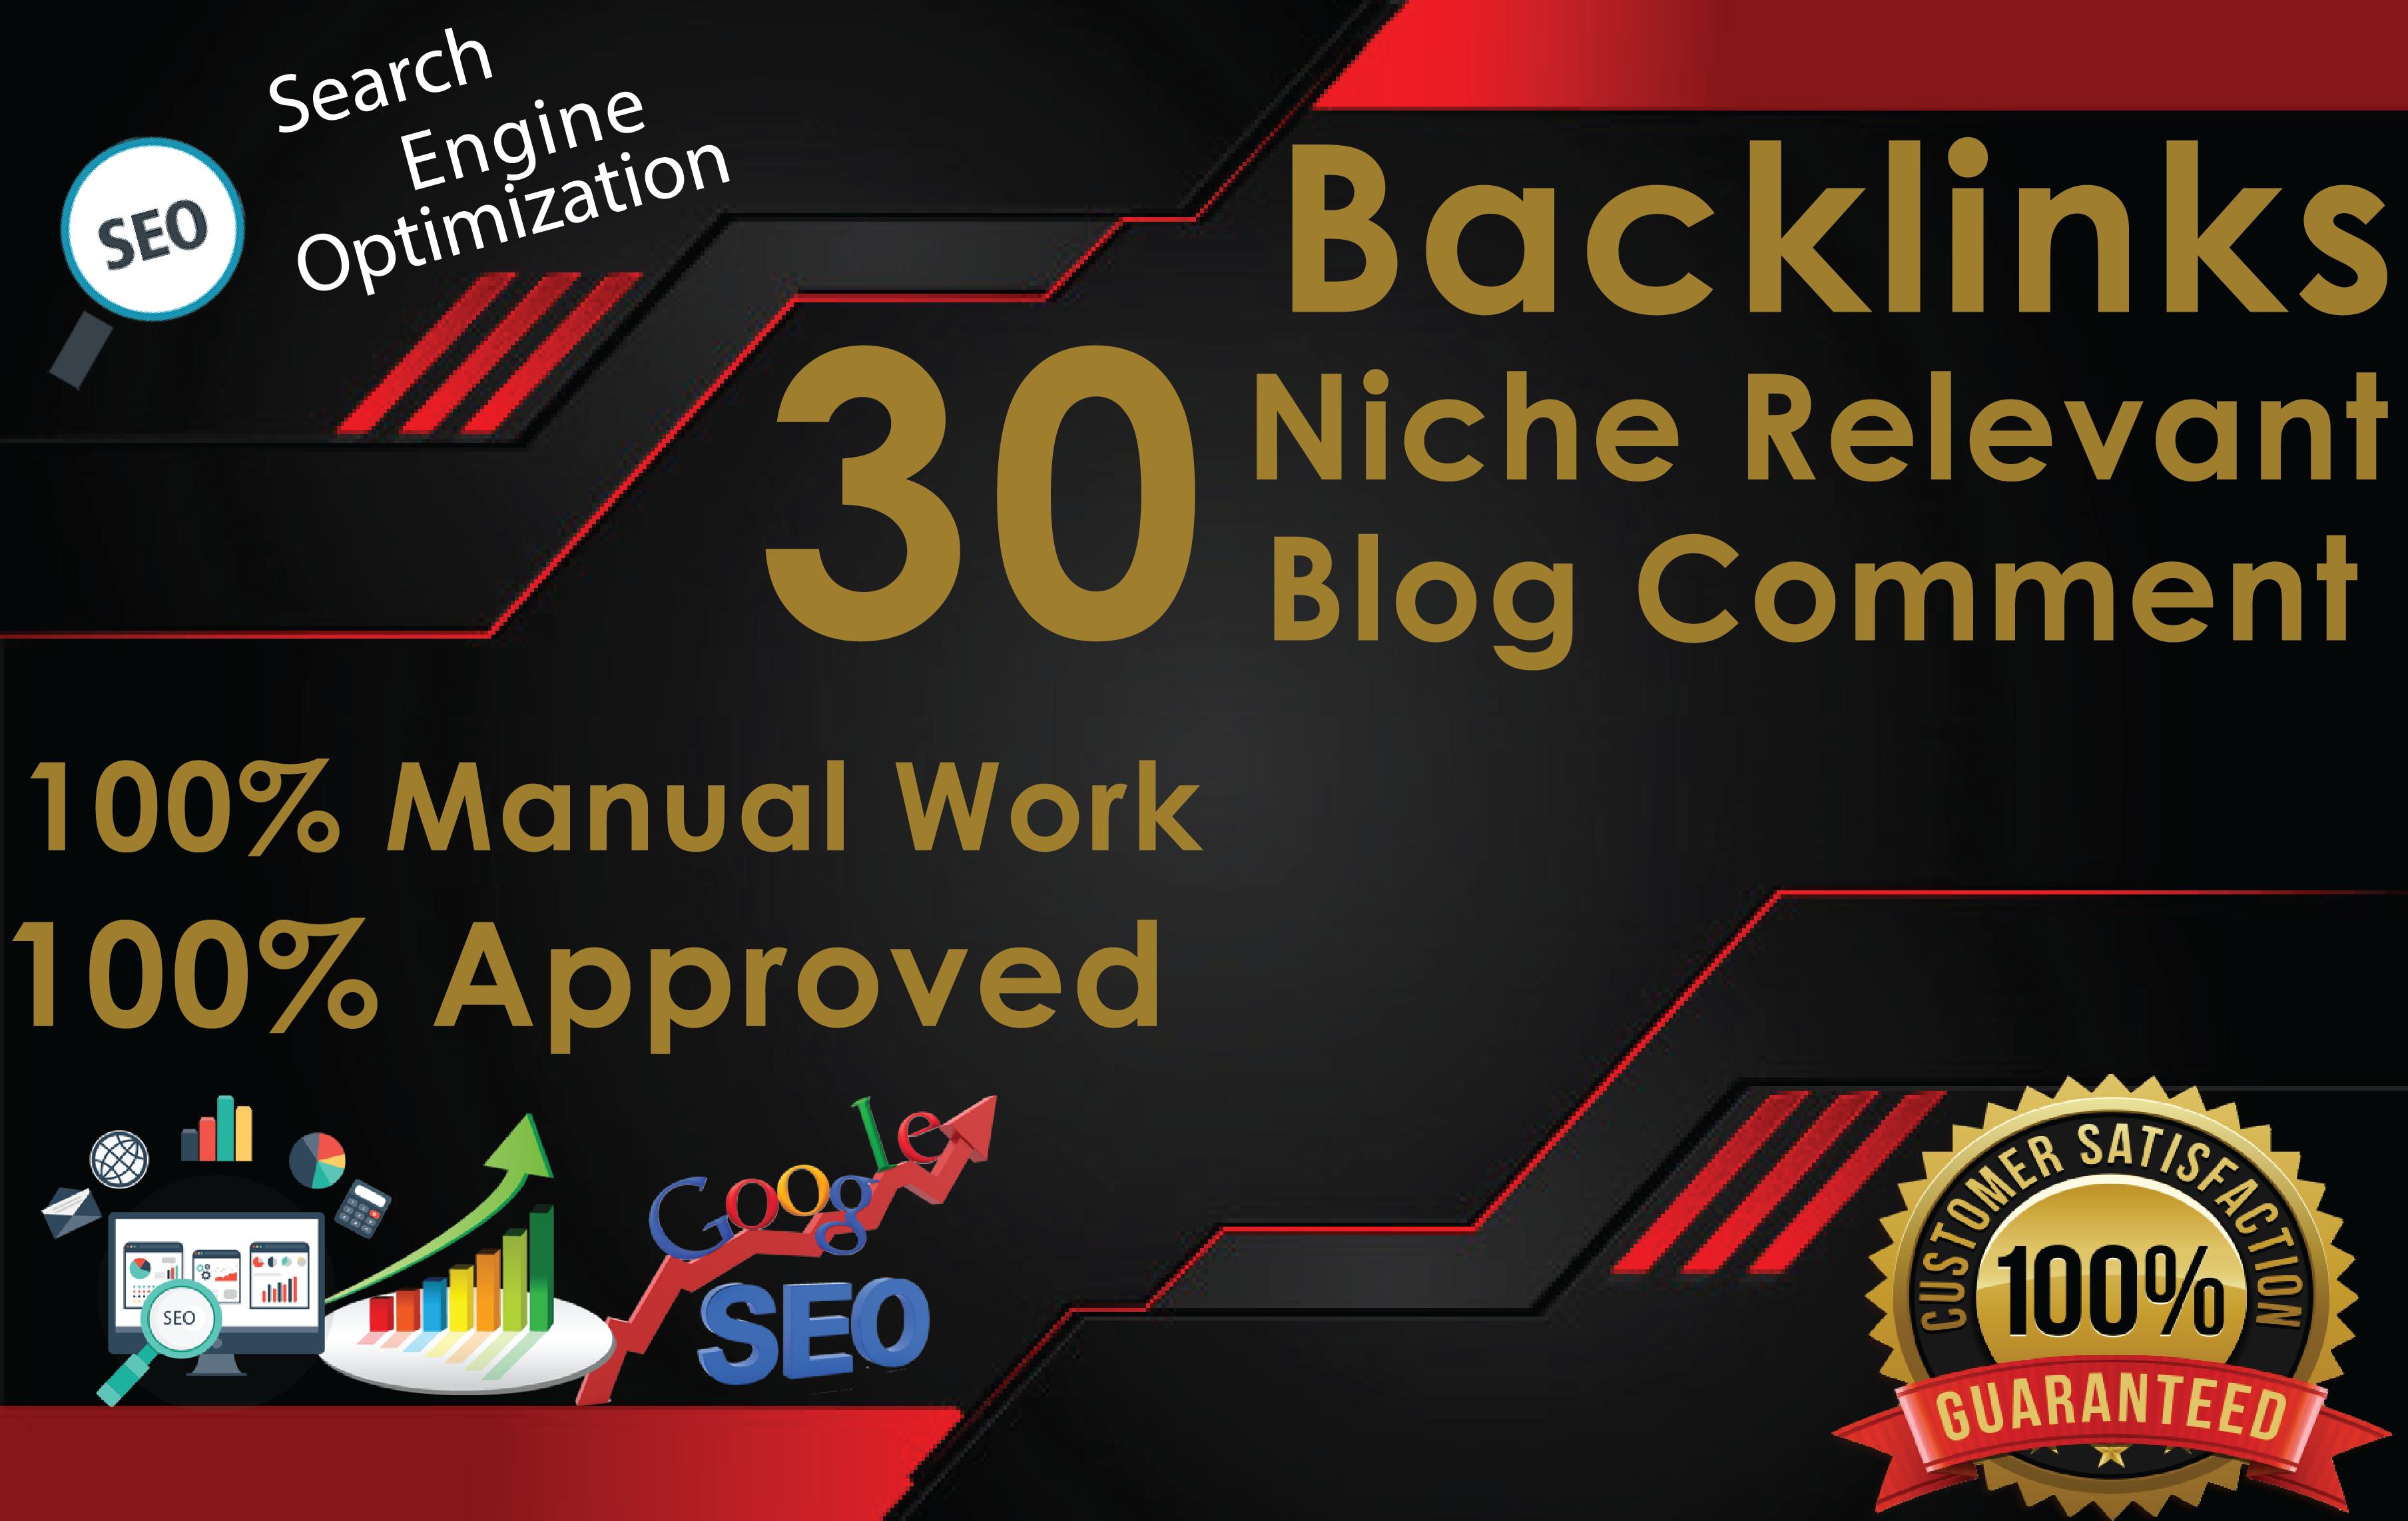 30 Niche Relevant Blog Comments